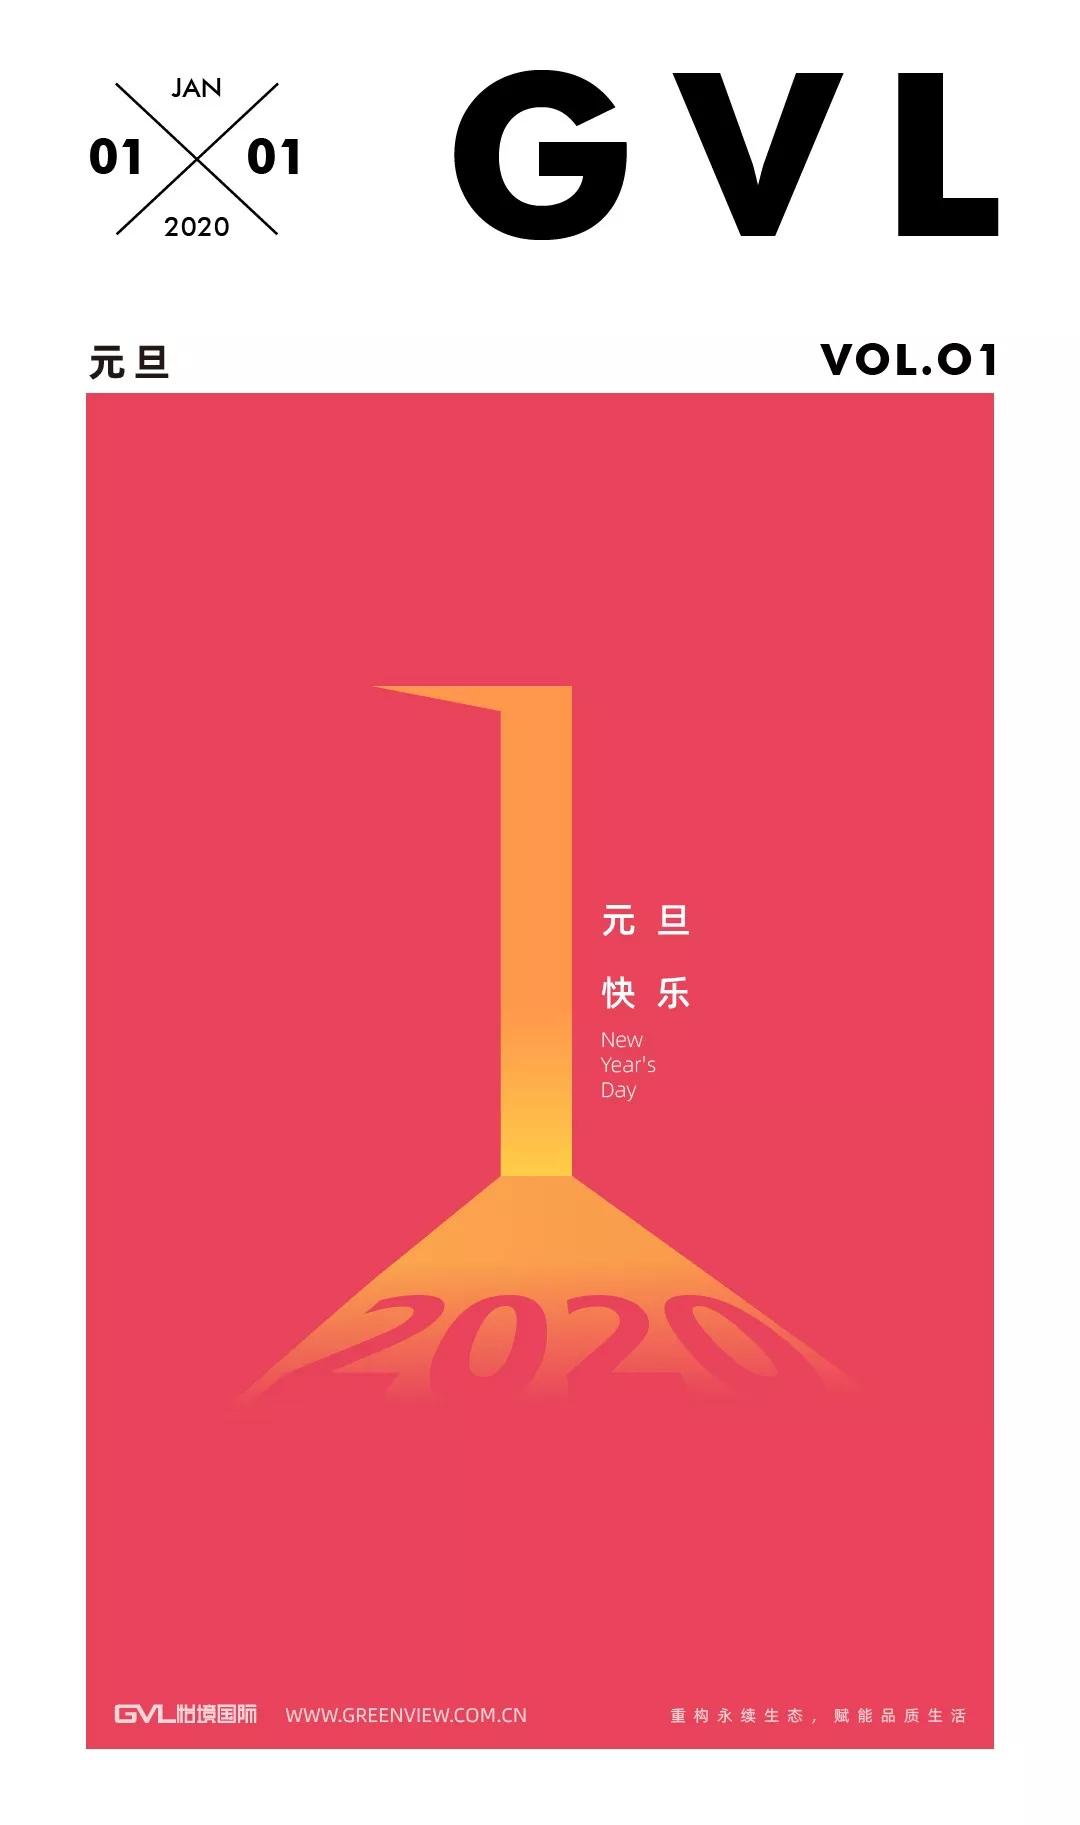 怡境彭涛新年献词:手册文旅在设计中赋版式景观重构要求图片